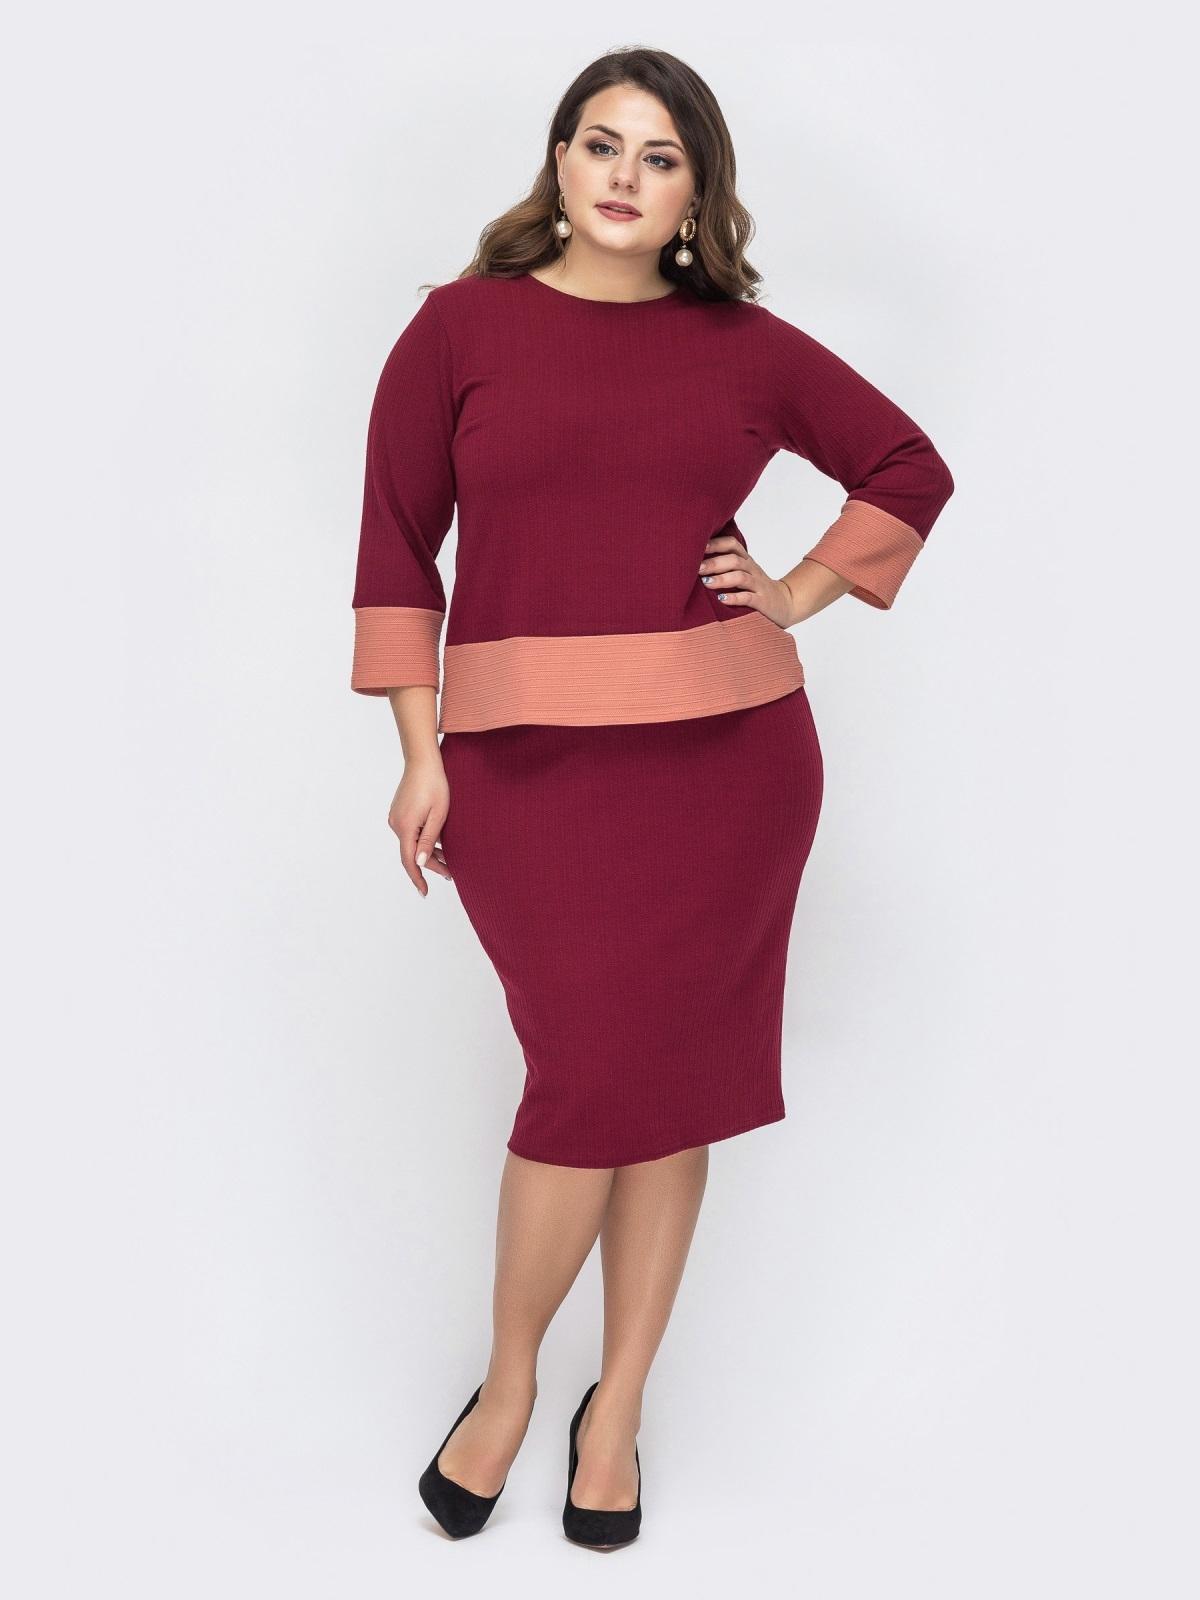 Комплект большого размера бордового цвета с юбкой 44482, фото 1